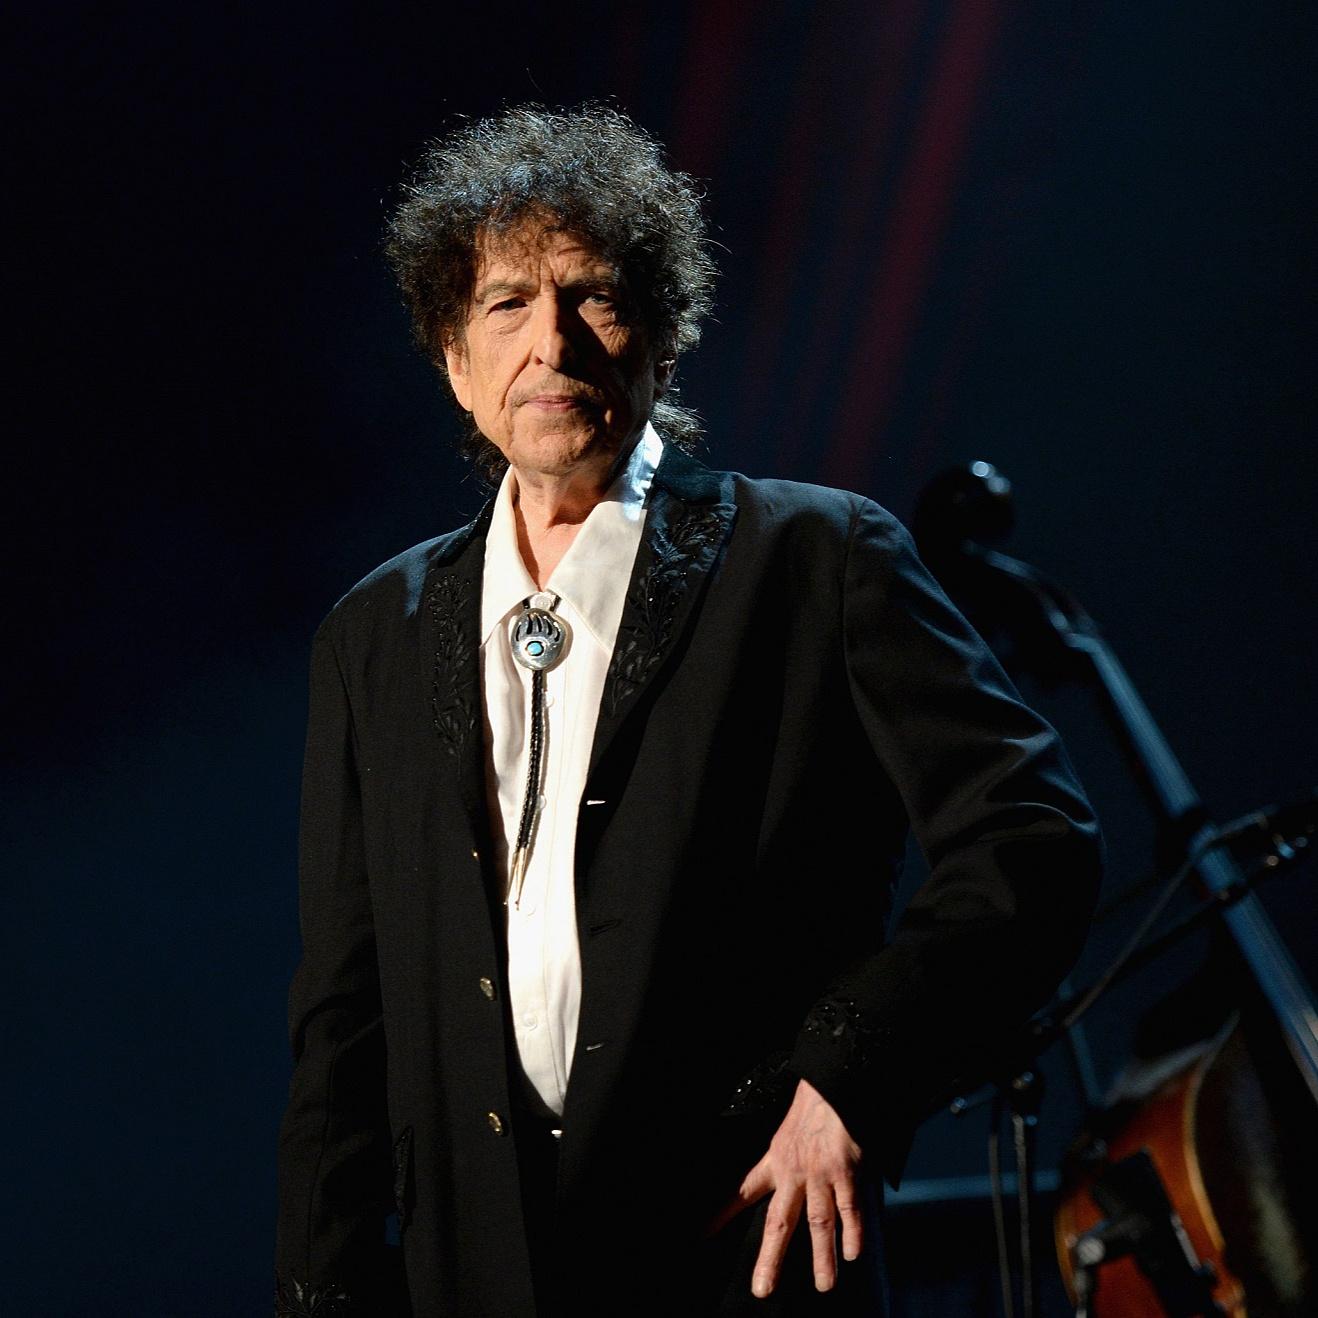 Bob Dylan teljes életműve a Universal Music Publishing Groupé